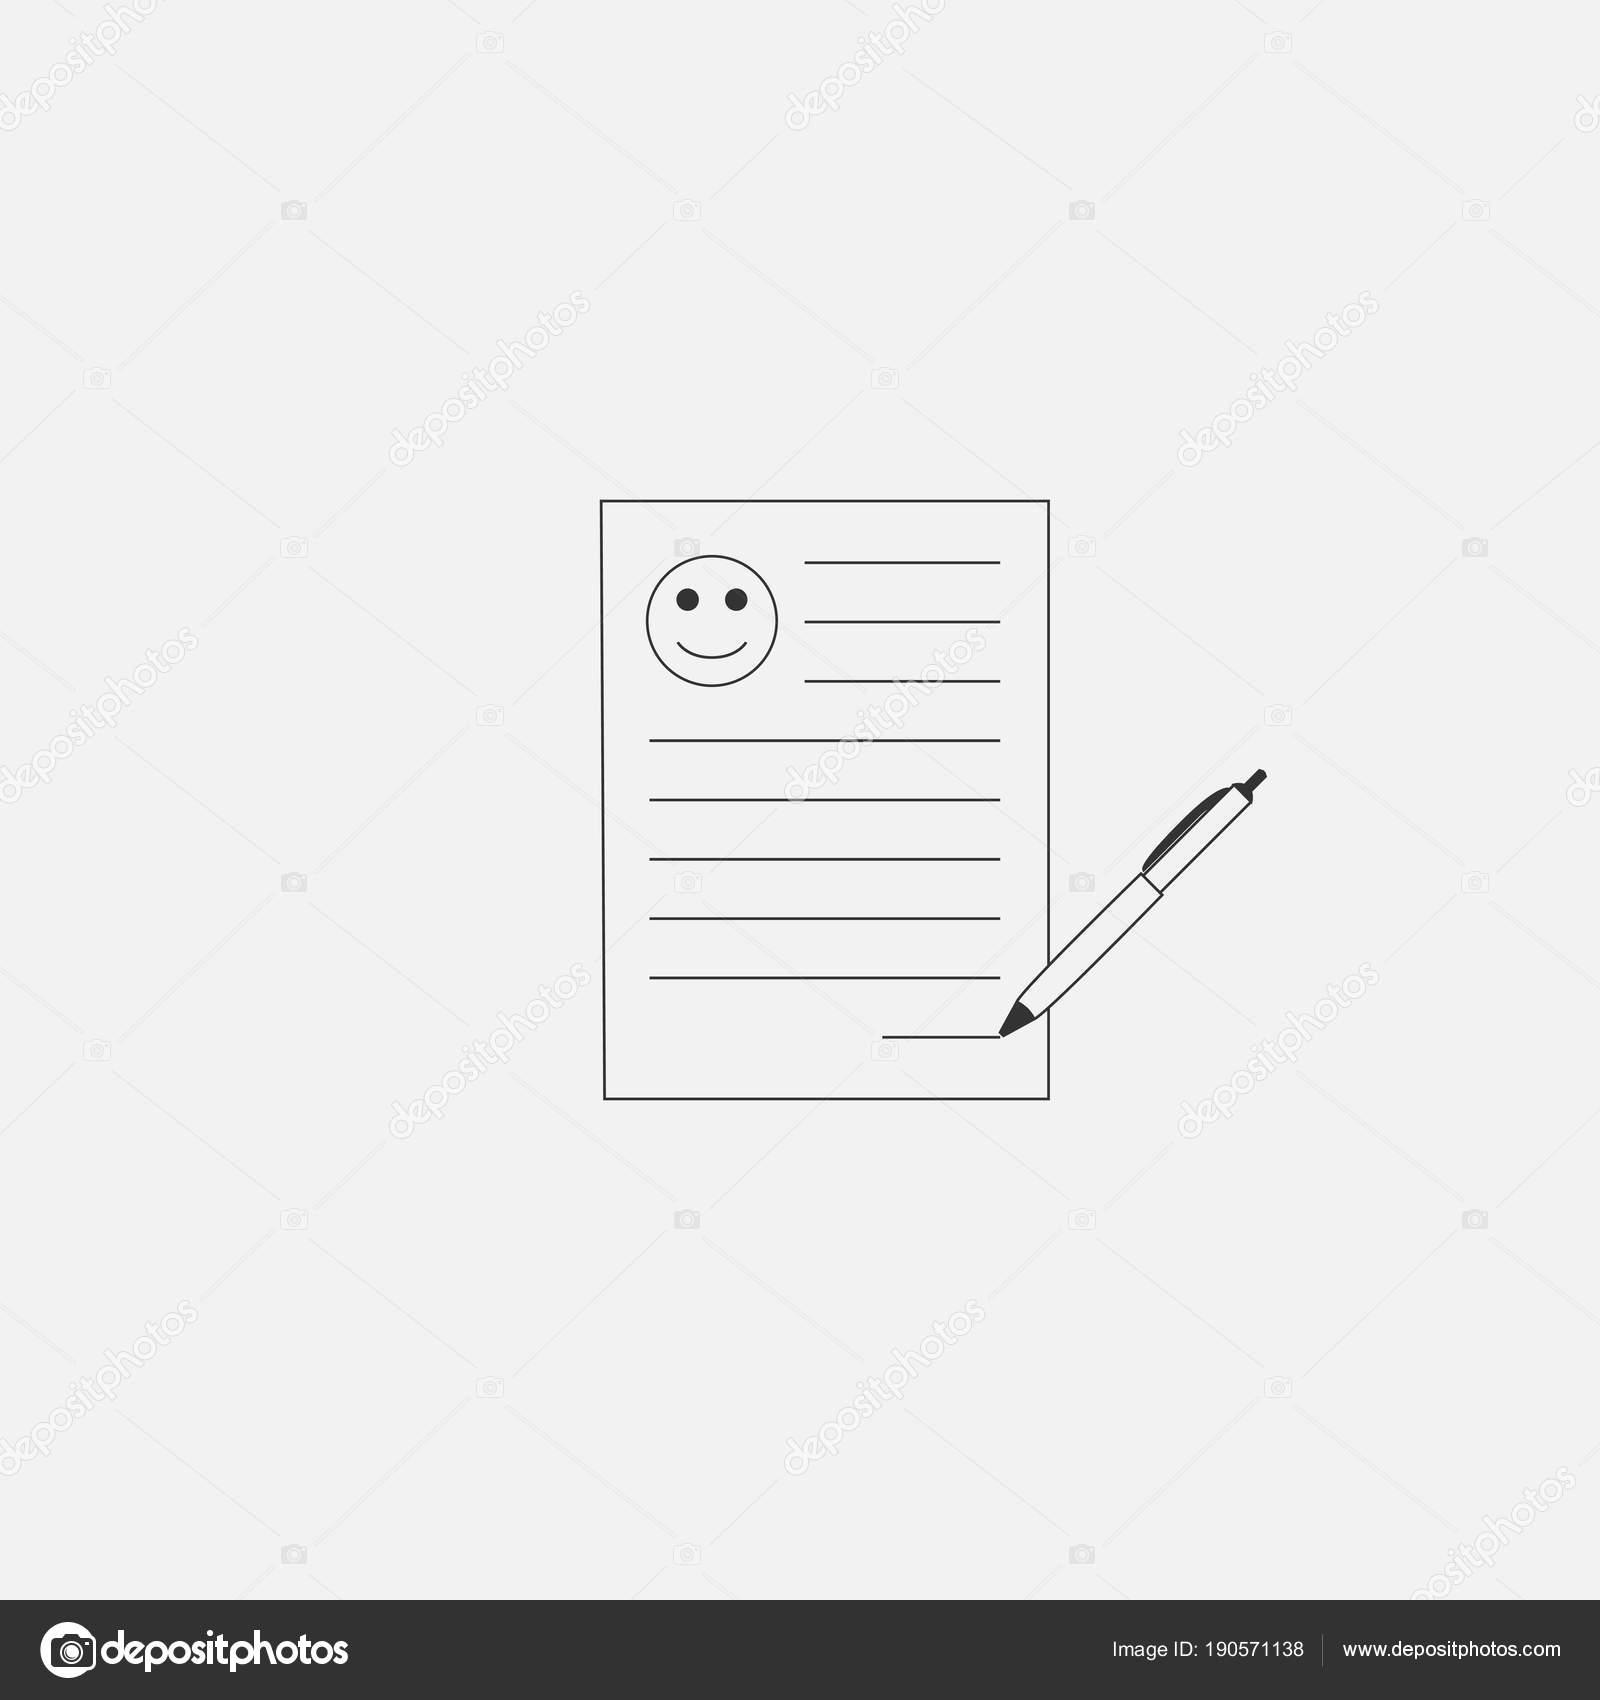 Icono símbolo curriculum web en estilo moderno aislado sobre fondo ...